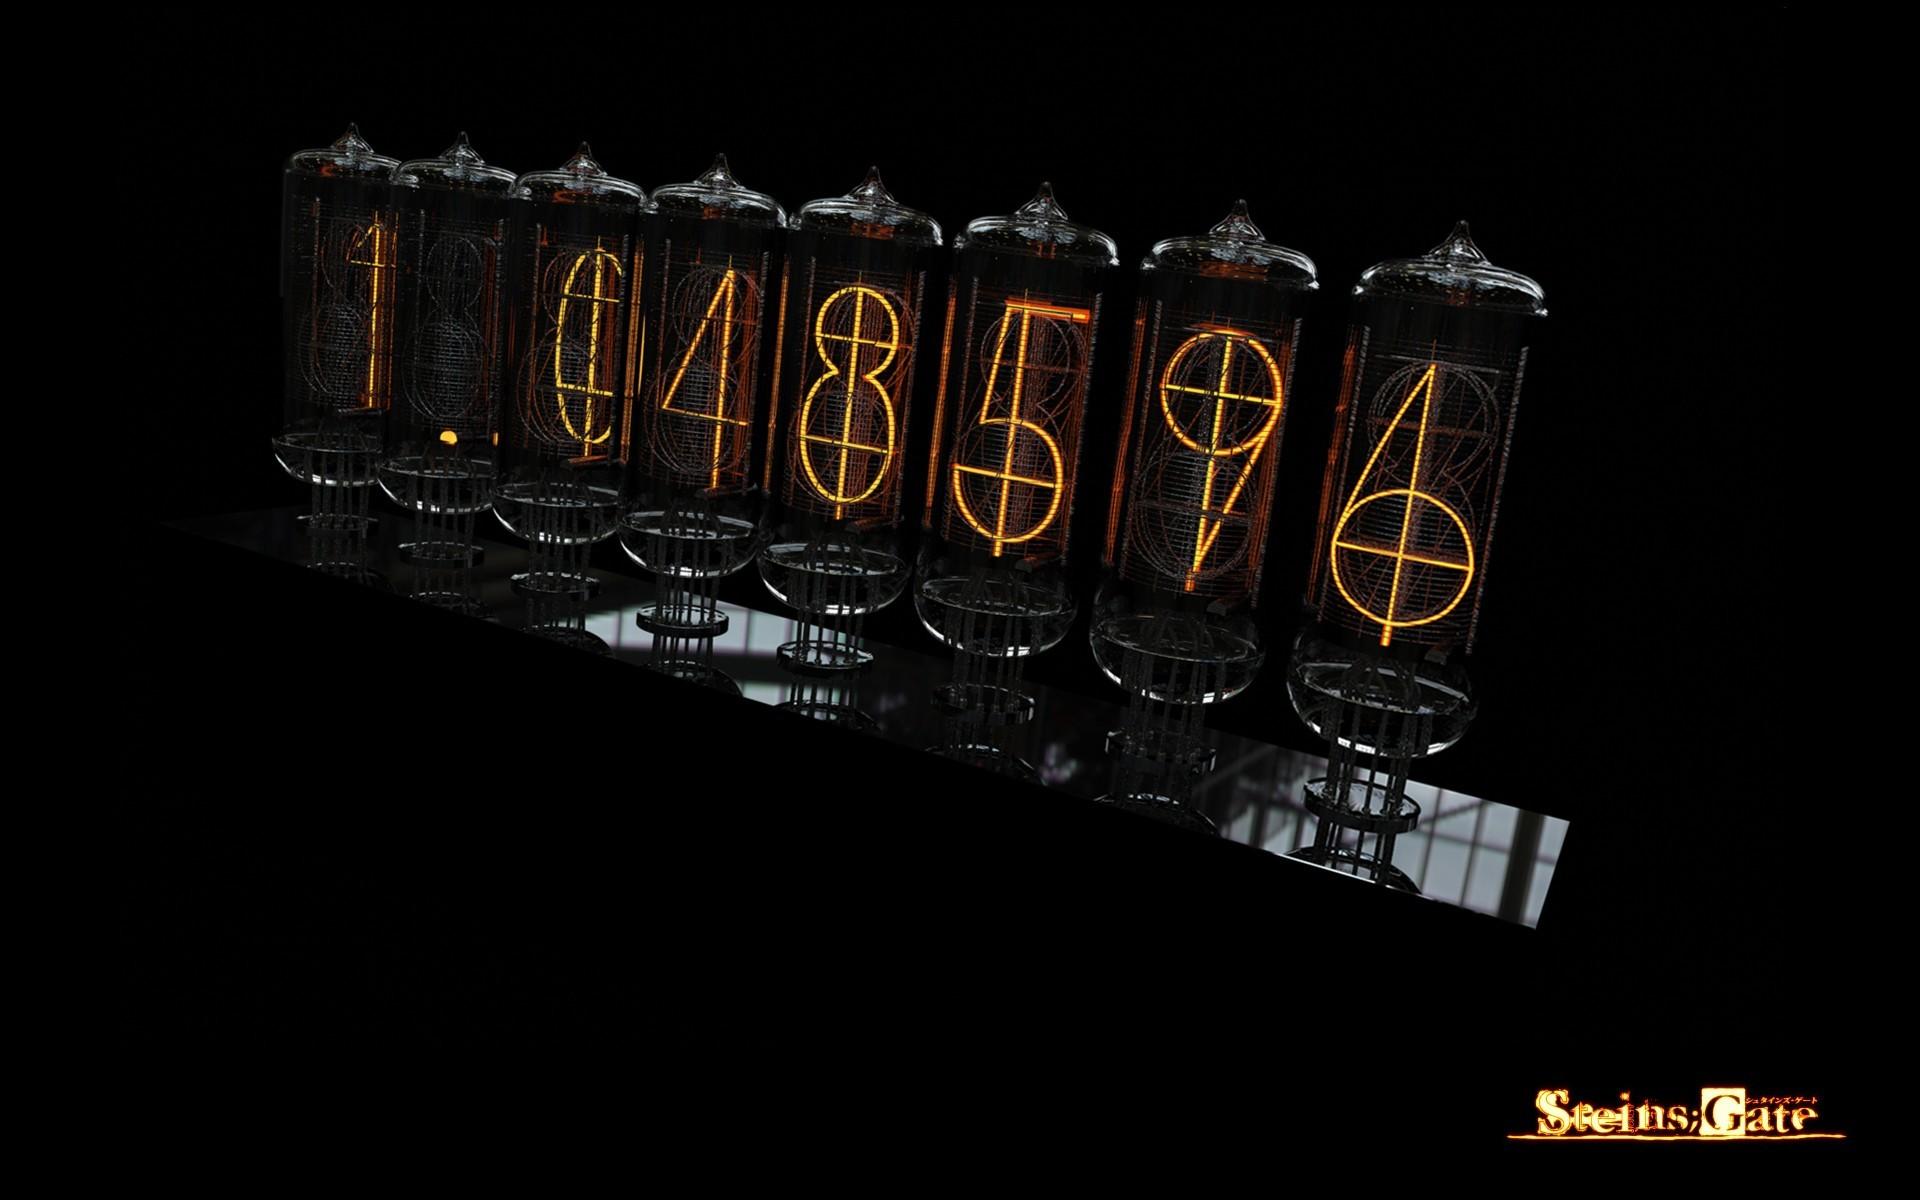 デスクトップ壁紙 テキスト ロゴ シュタインズ ゲート ブランド 闇 広告 スクリーンショット コンピュータの壁紙 フォント アルバムカバー 19x10 Starmate デスクトップ壁紙 Wallhere